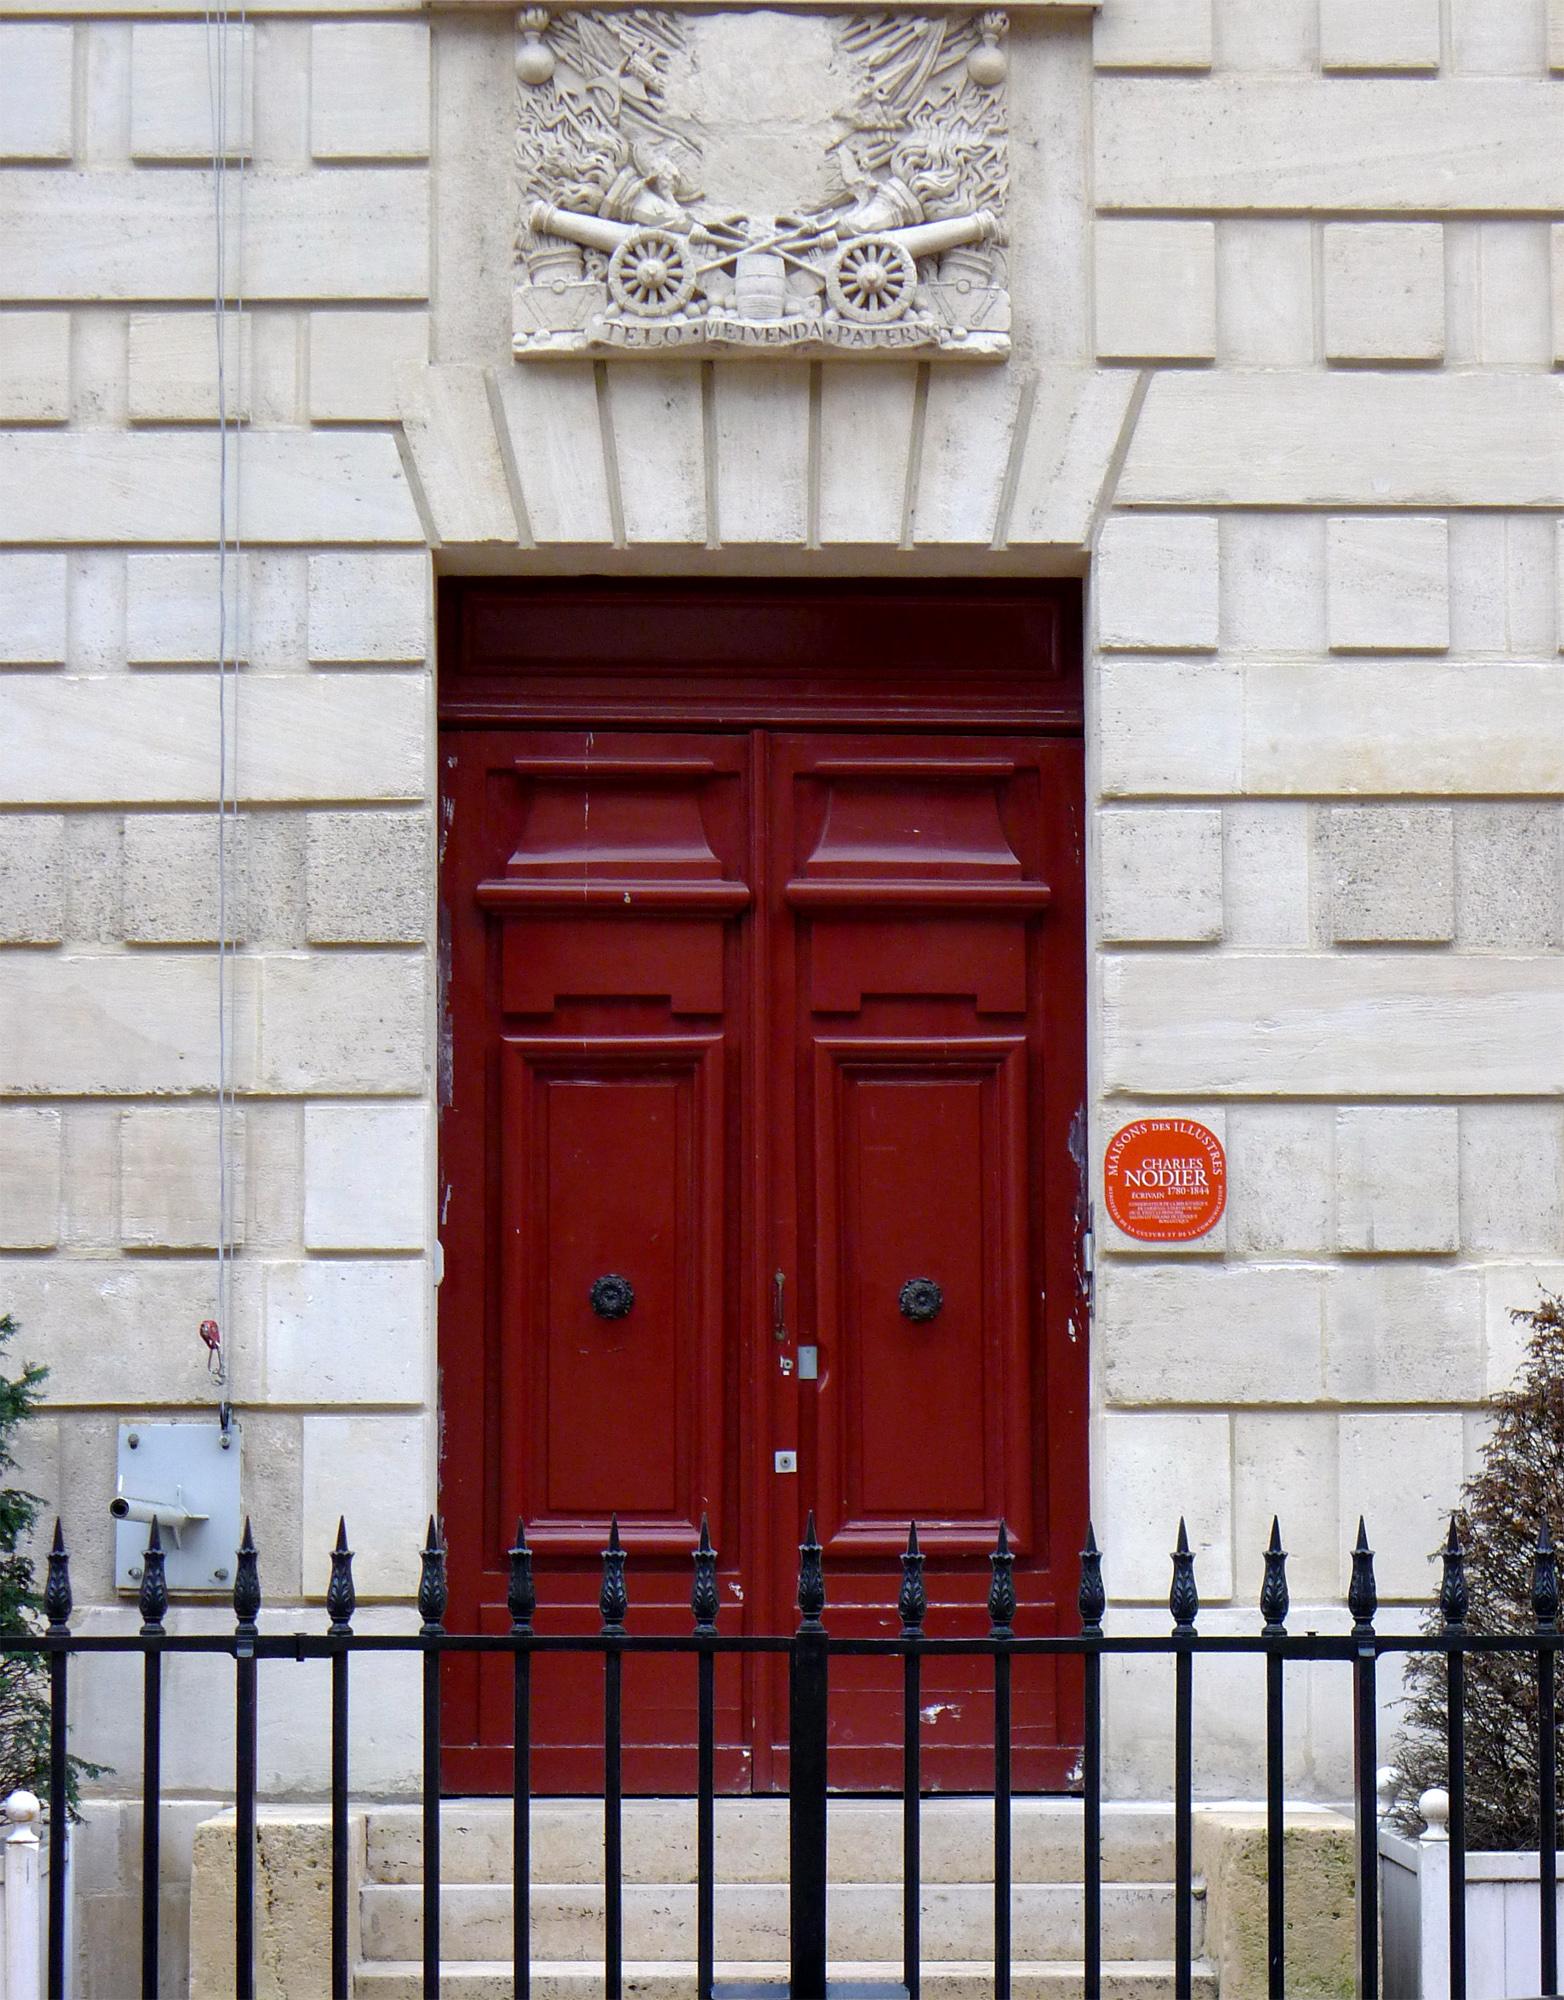 FileP Paris IV Rue De Sully Porte Bibliothèque Arsenal Rwk - Porte bibliothèque